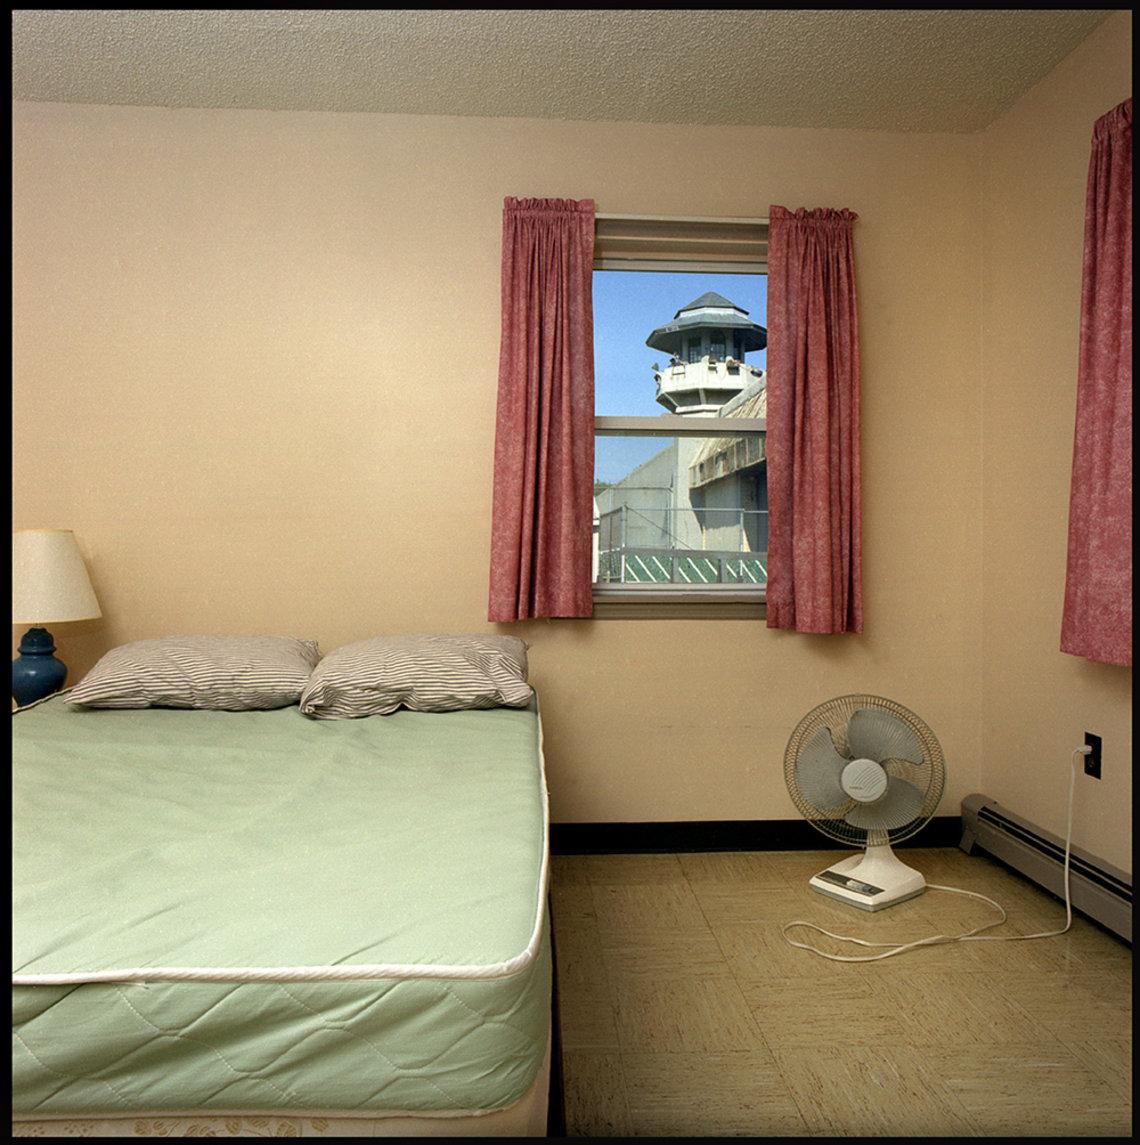 A conjugal visit bedroom at Auburn State Prison in Auburn, N.Y.